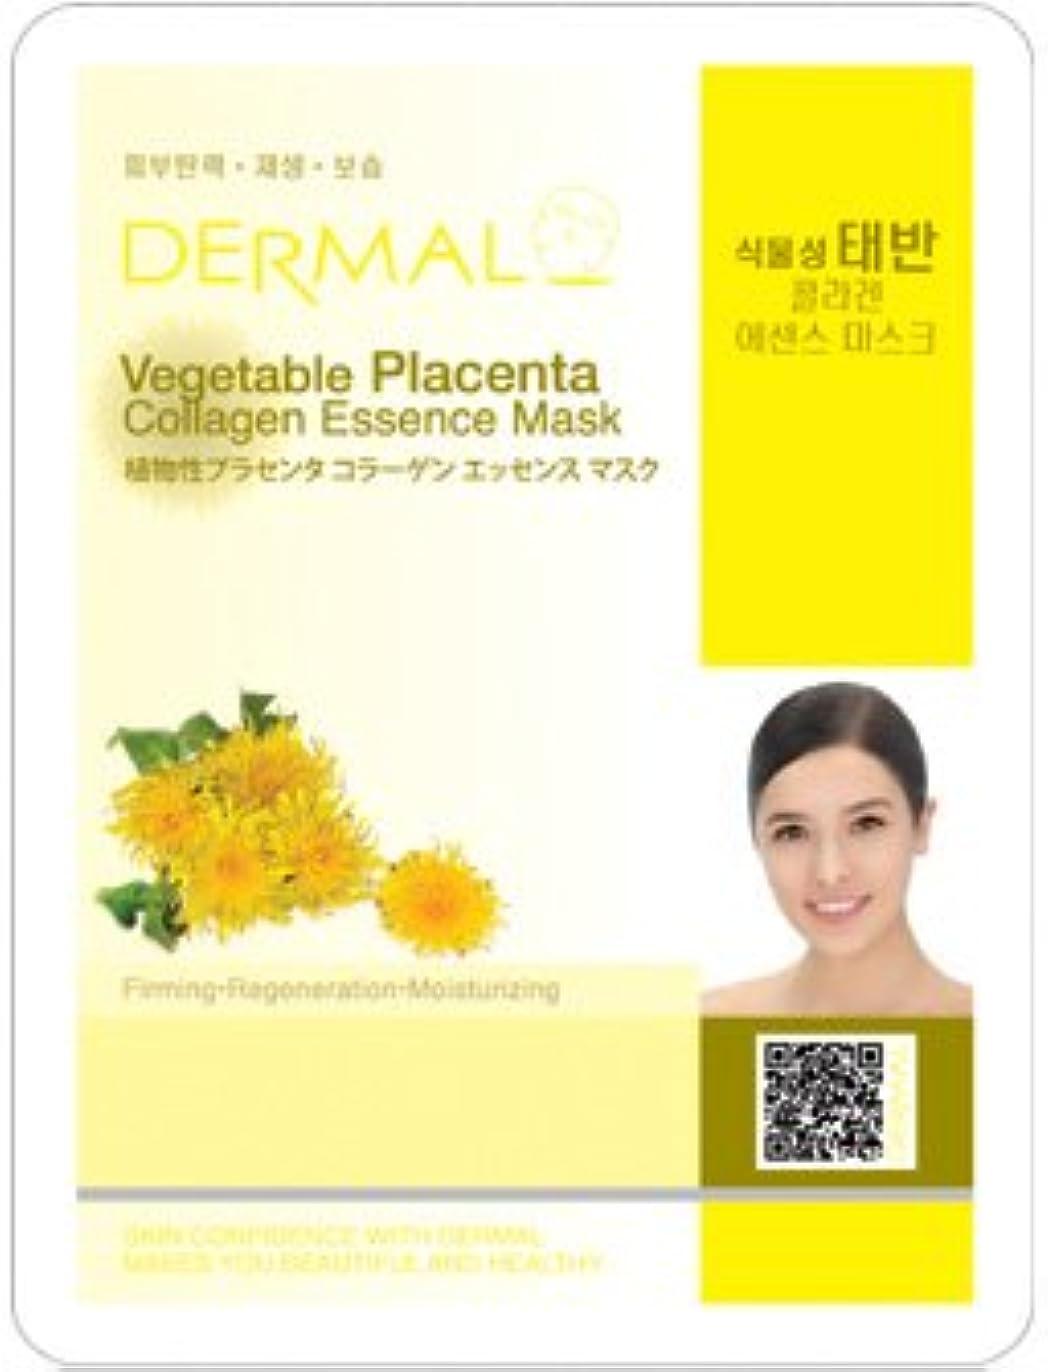 削減実証する光沢のあるシートマスク 植物性プラセンタ 100枚 セット ダーマル(Dermal) フェイス パック